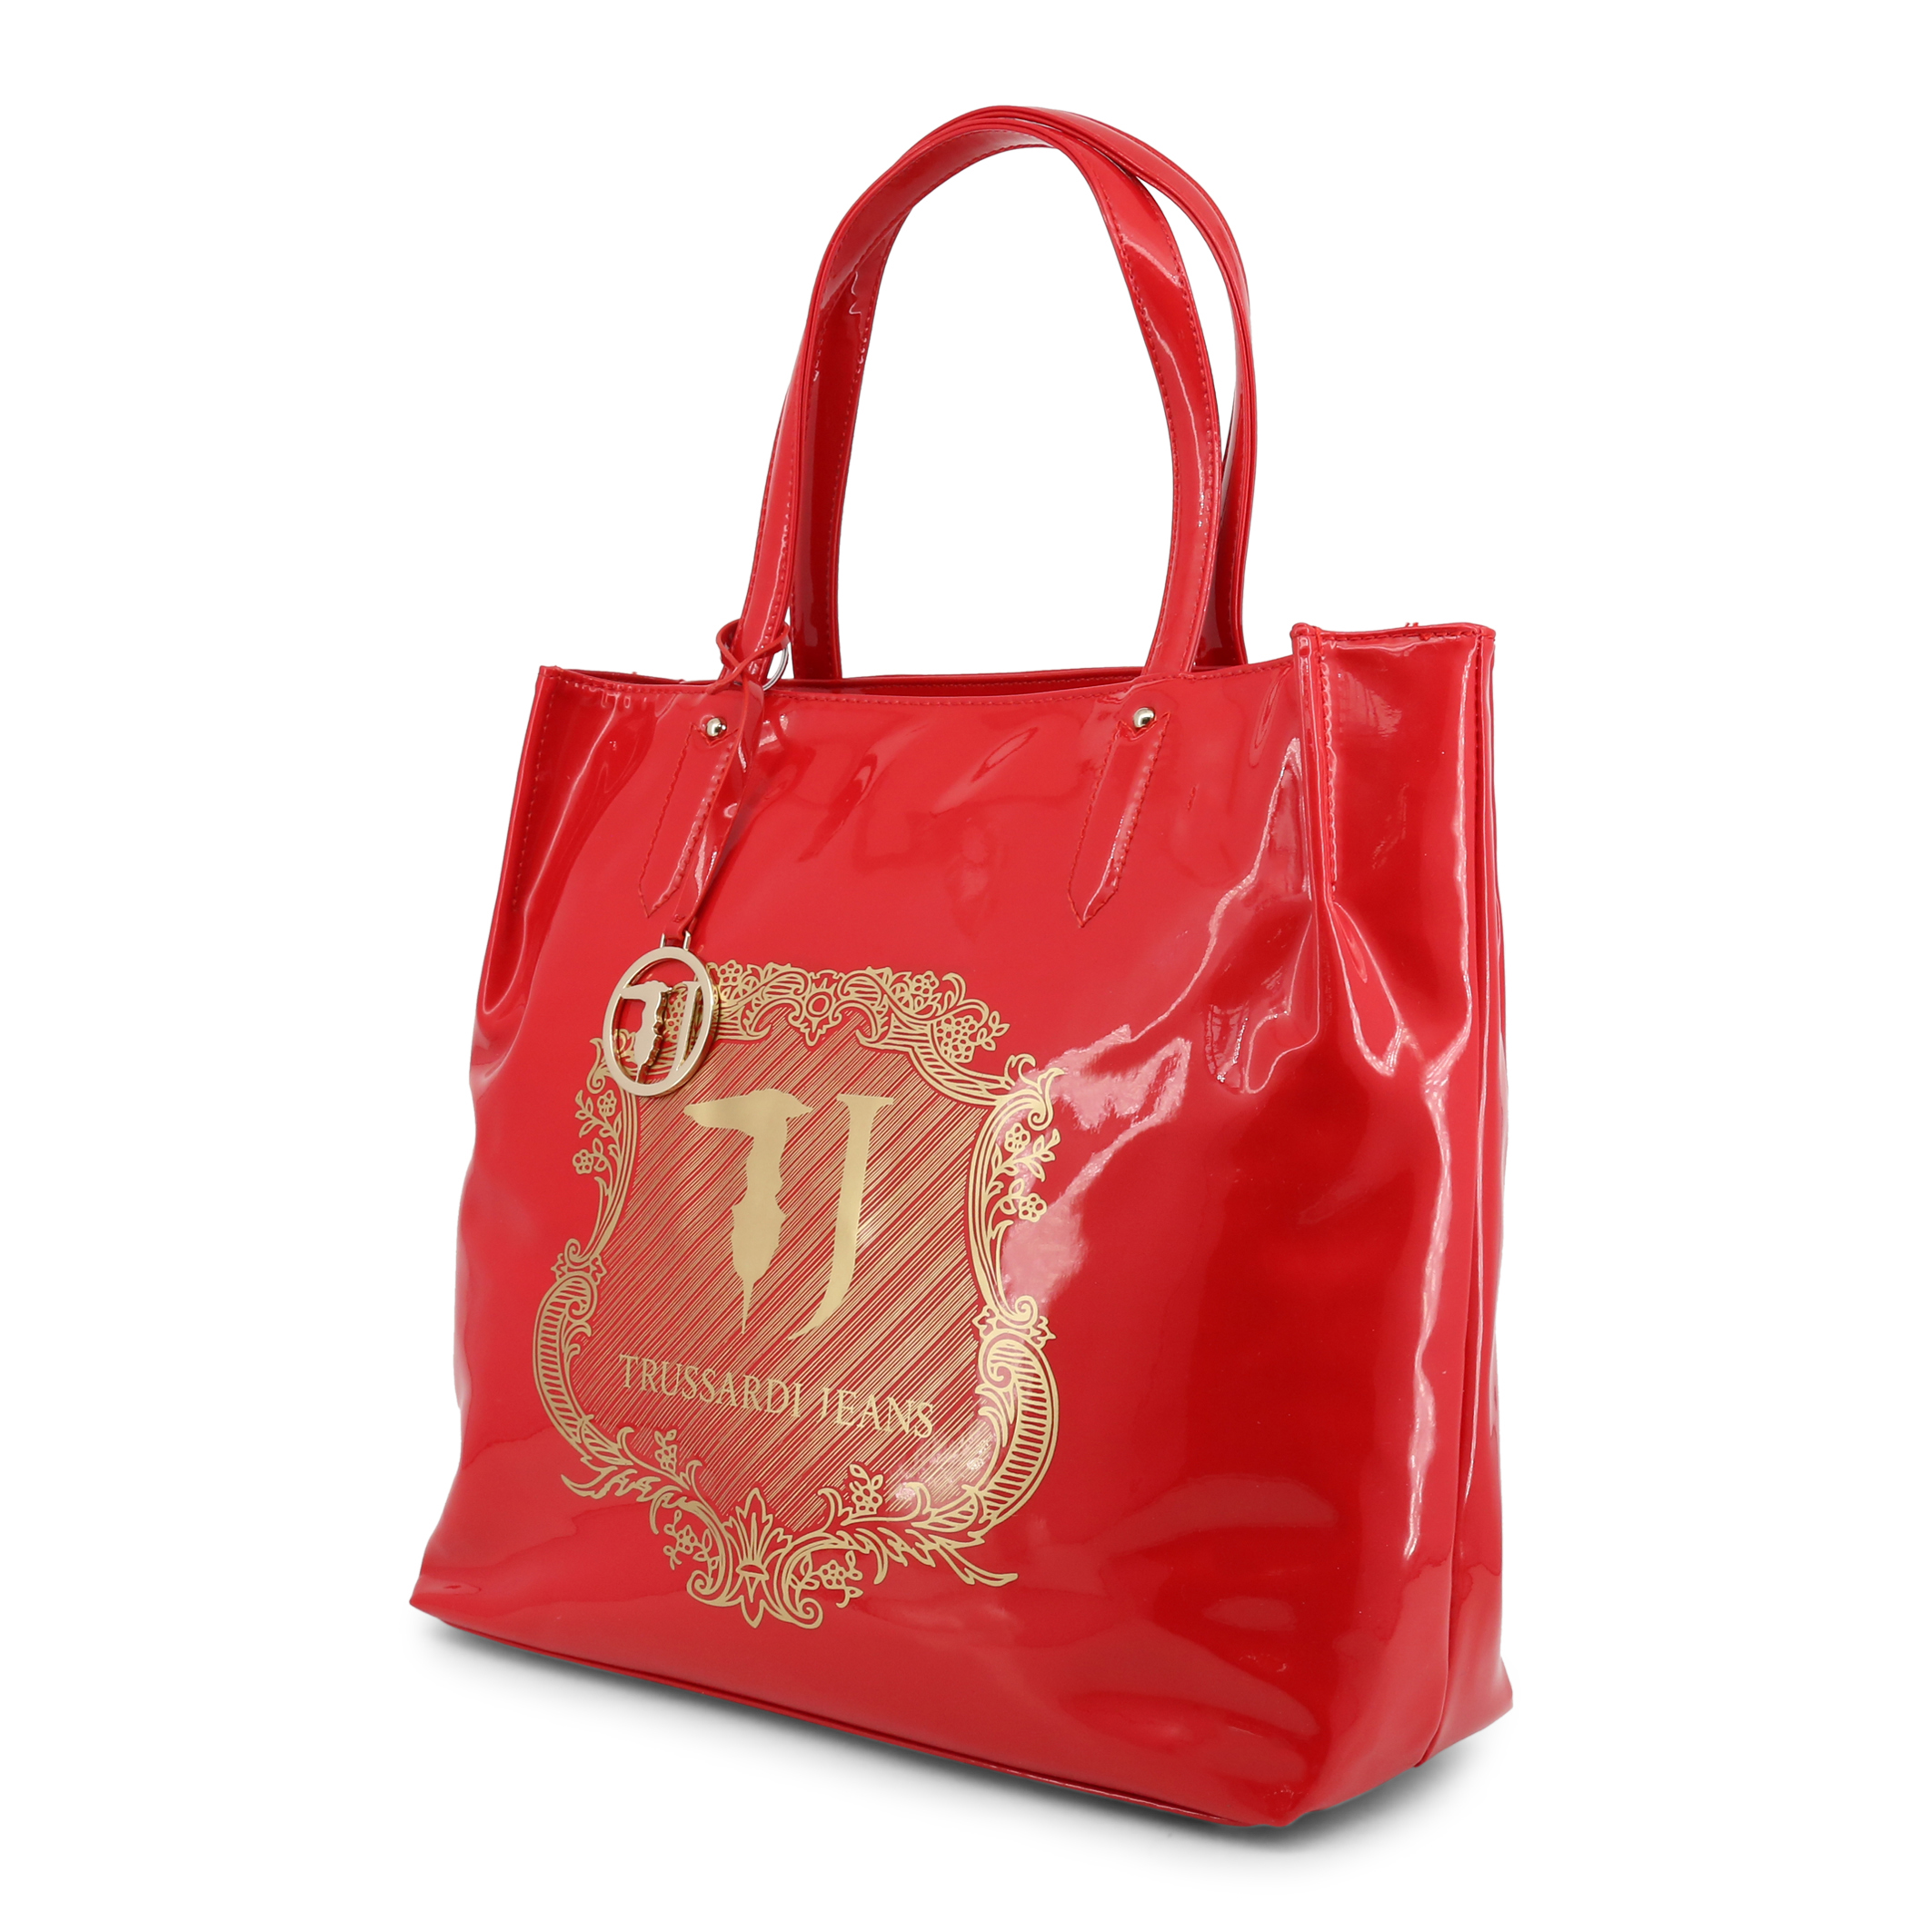 Maroquinerie  Trussardi 75B01VER red